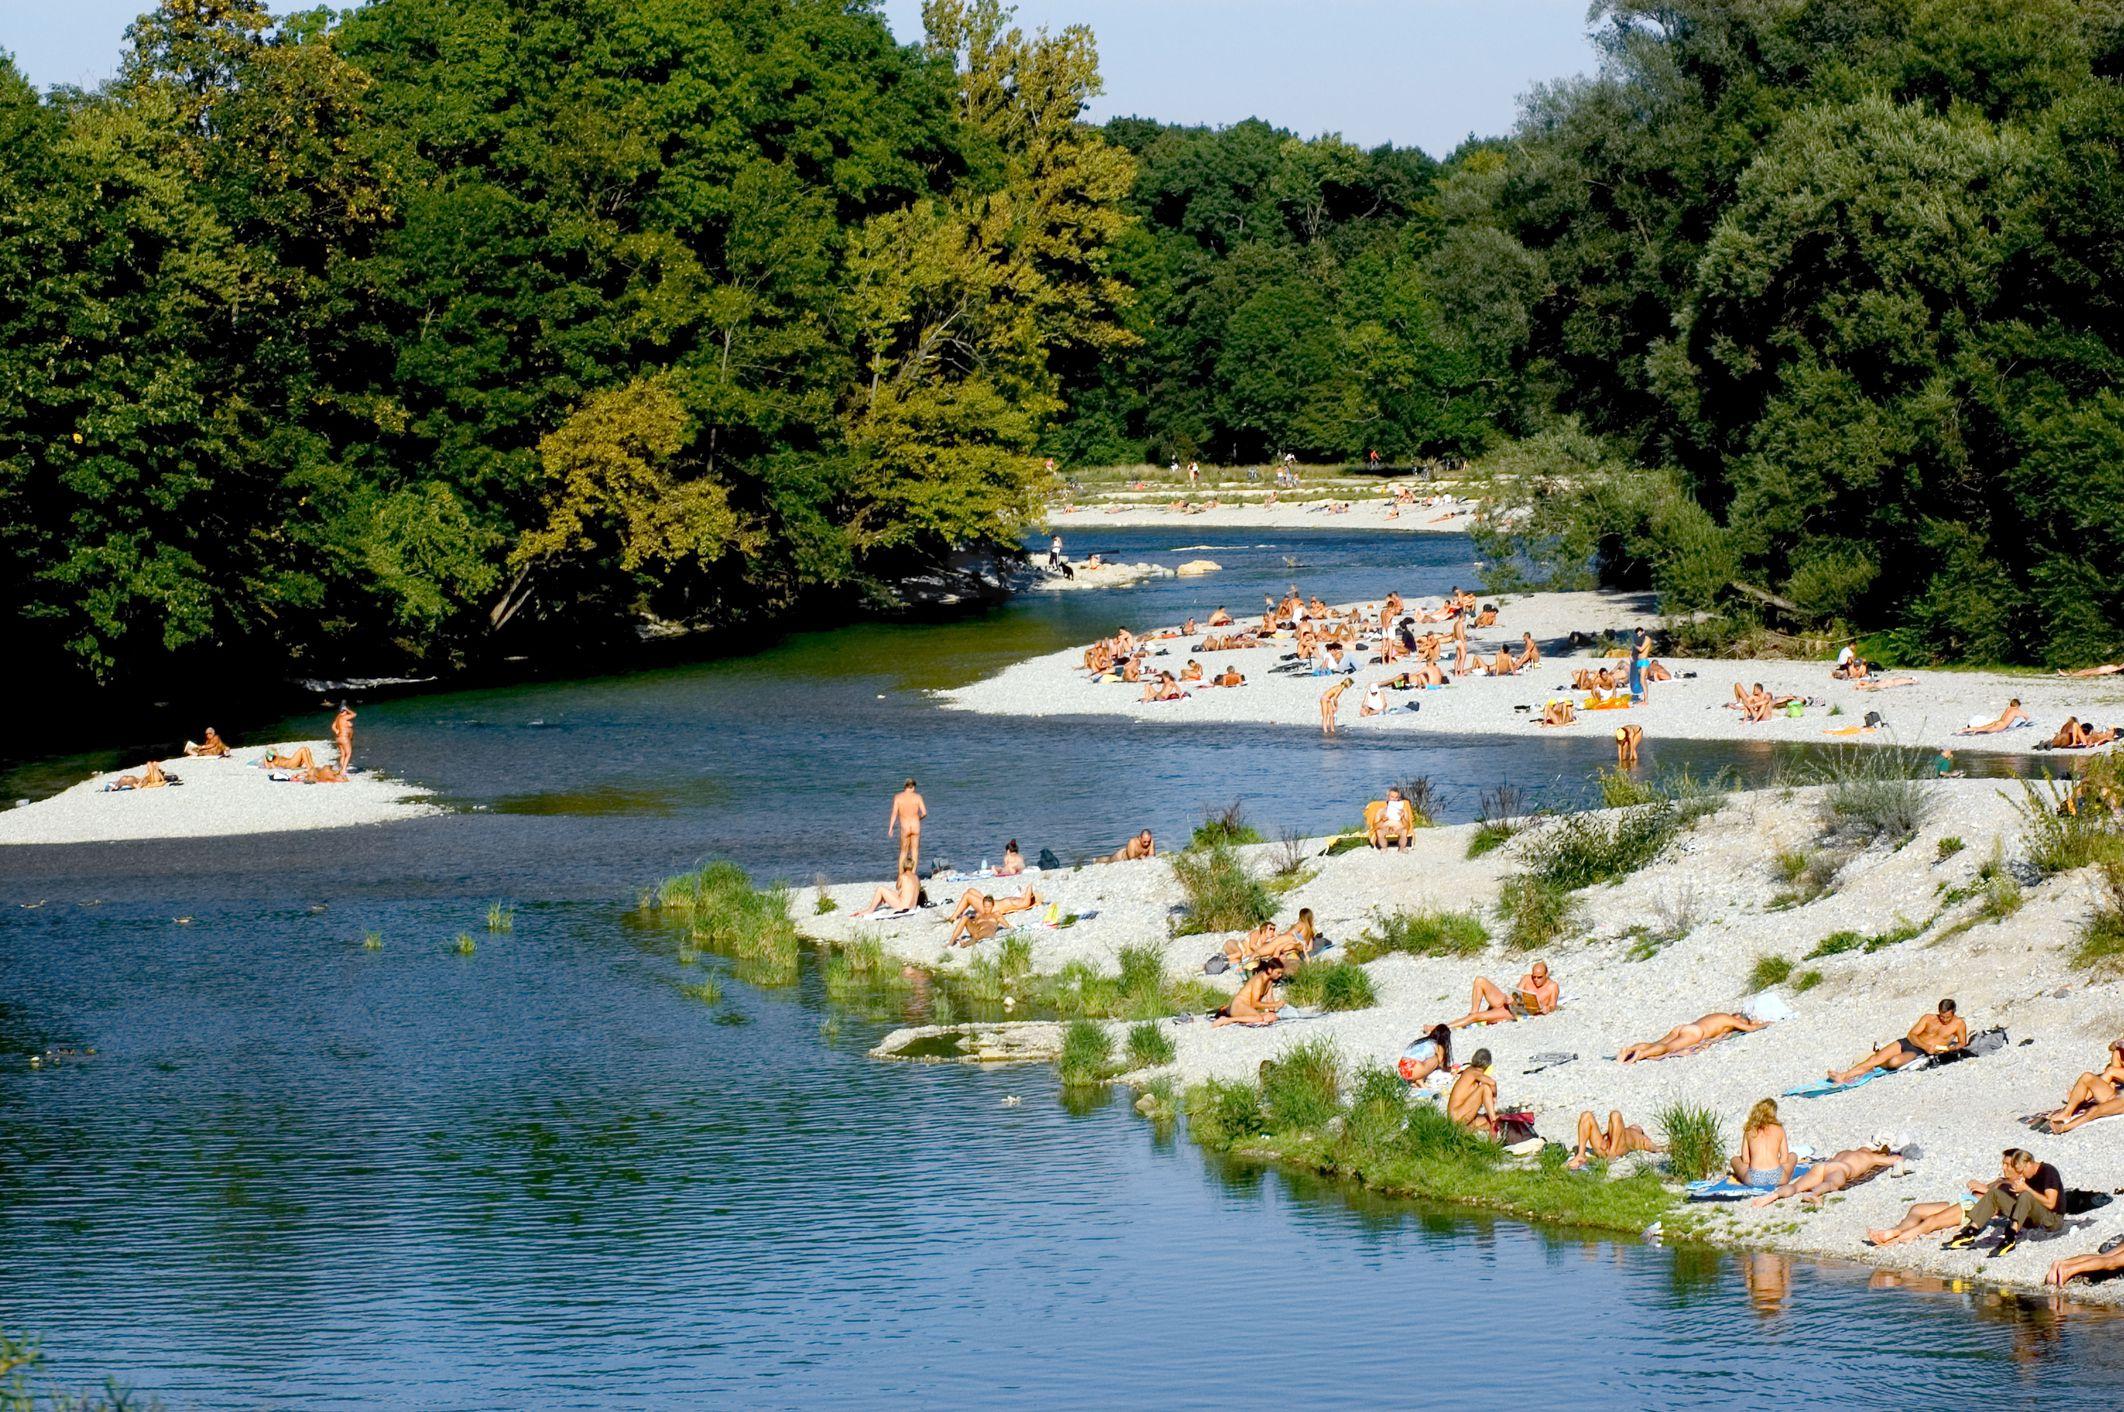 6 Nude Sunbathing Spots In Munich